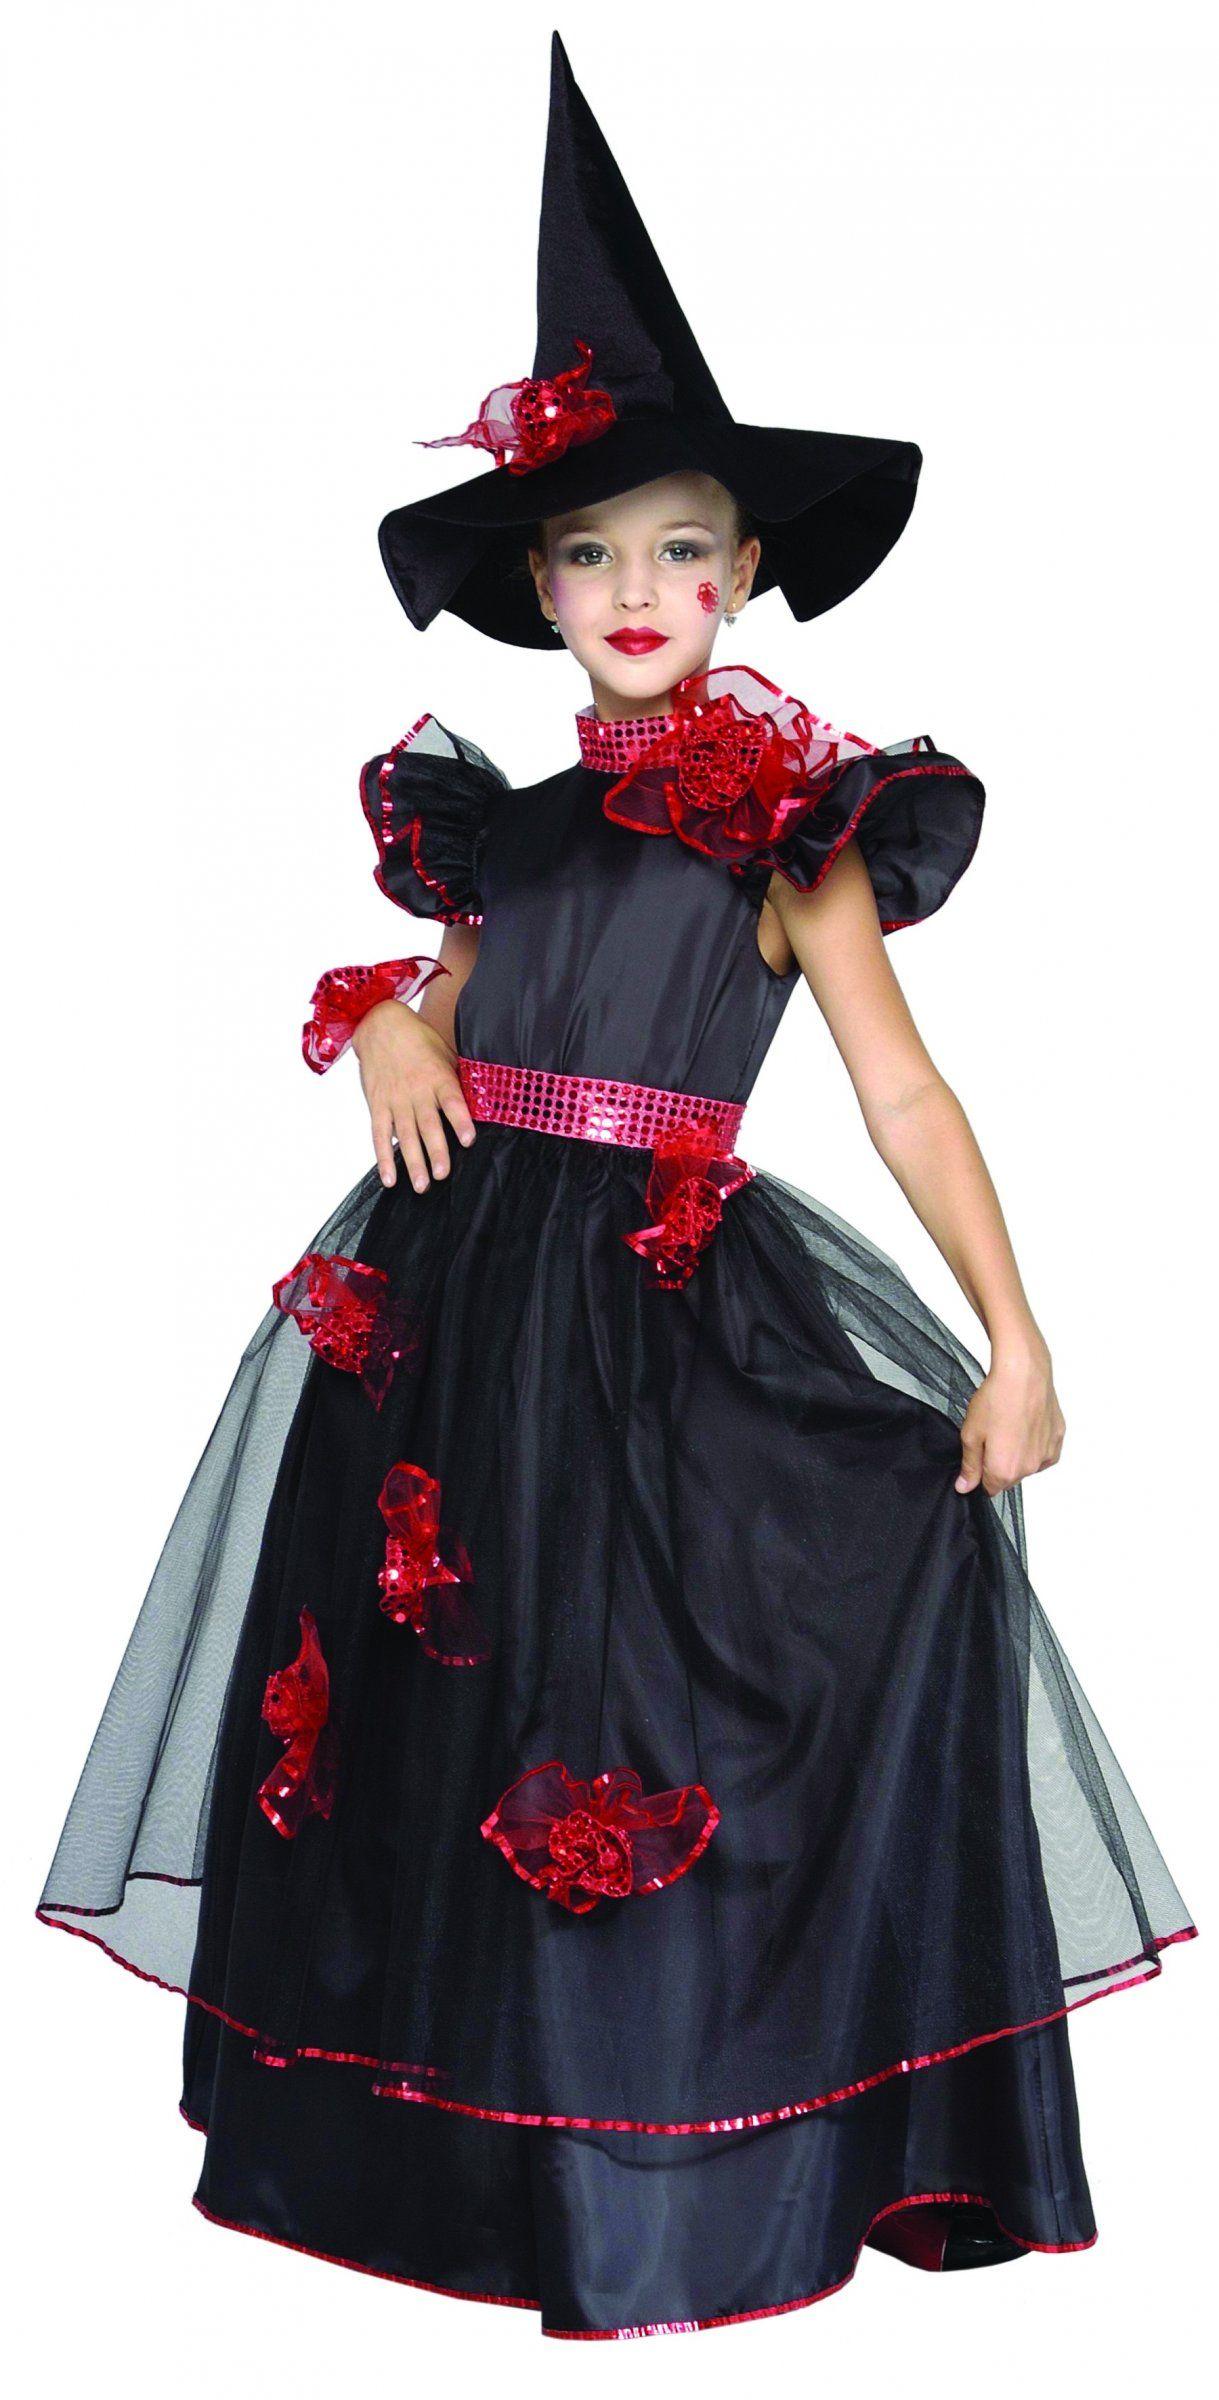 77038464ec5ae Déguisement sorcière fille   Ce déguisement de sorcière pour fille se  compose d une robe et d un chapeau. La robe noire et rouge est recouverte  de tulle.